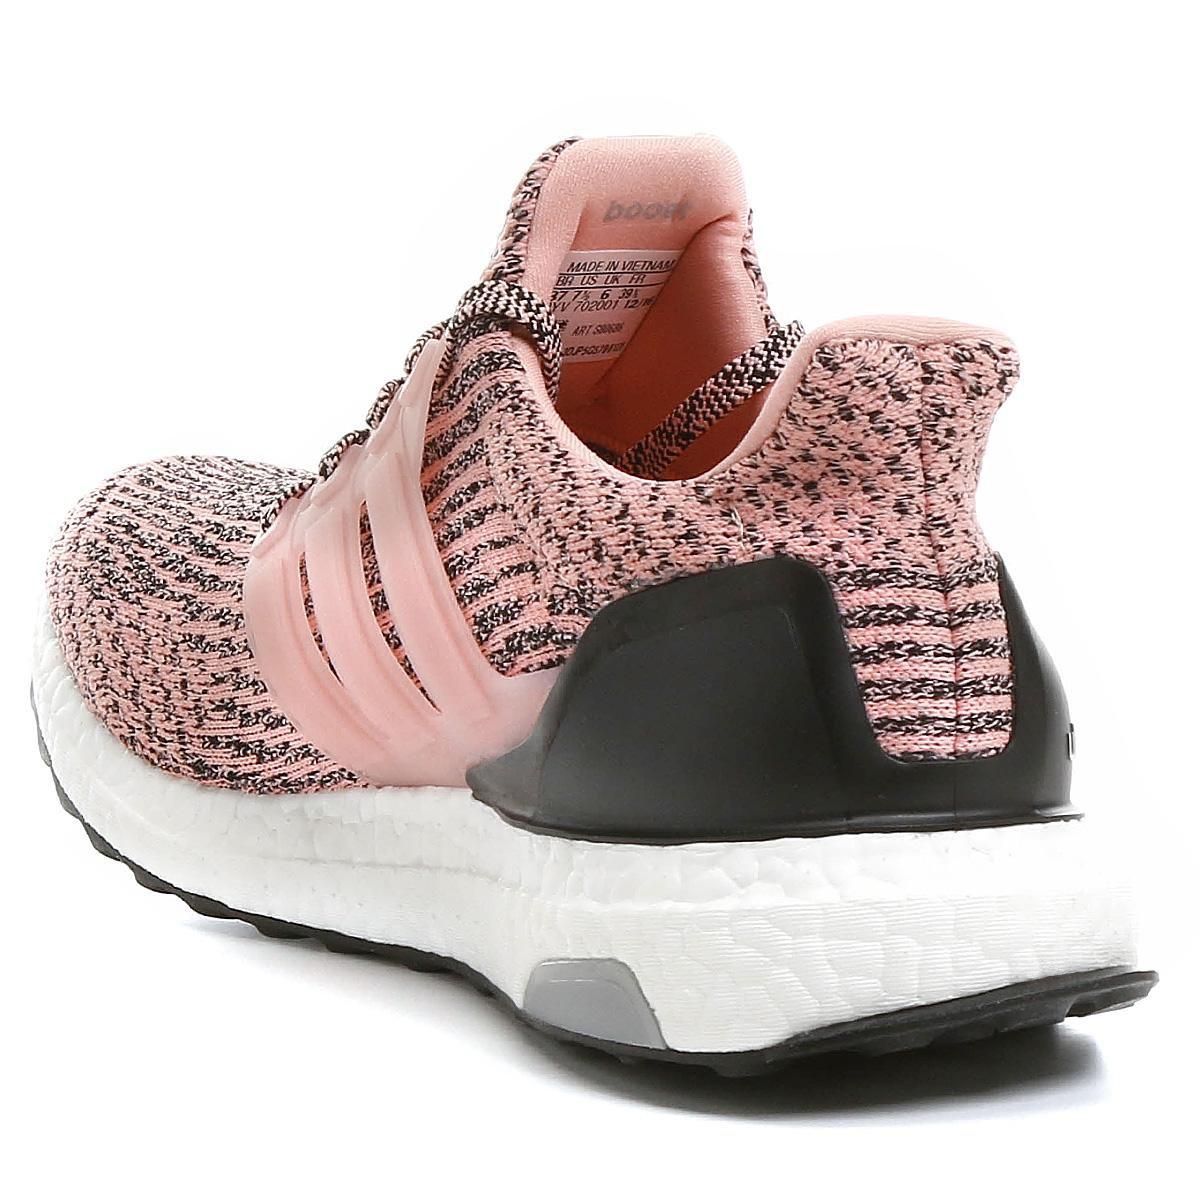 seguridad futuro civilización  Tênis Adidas Ultra Boost Feminino